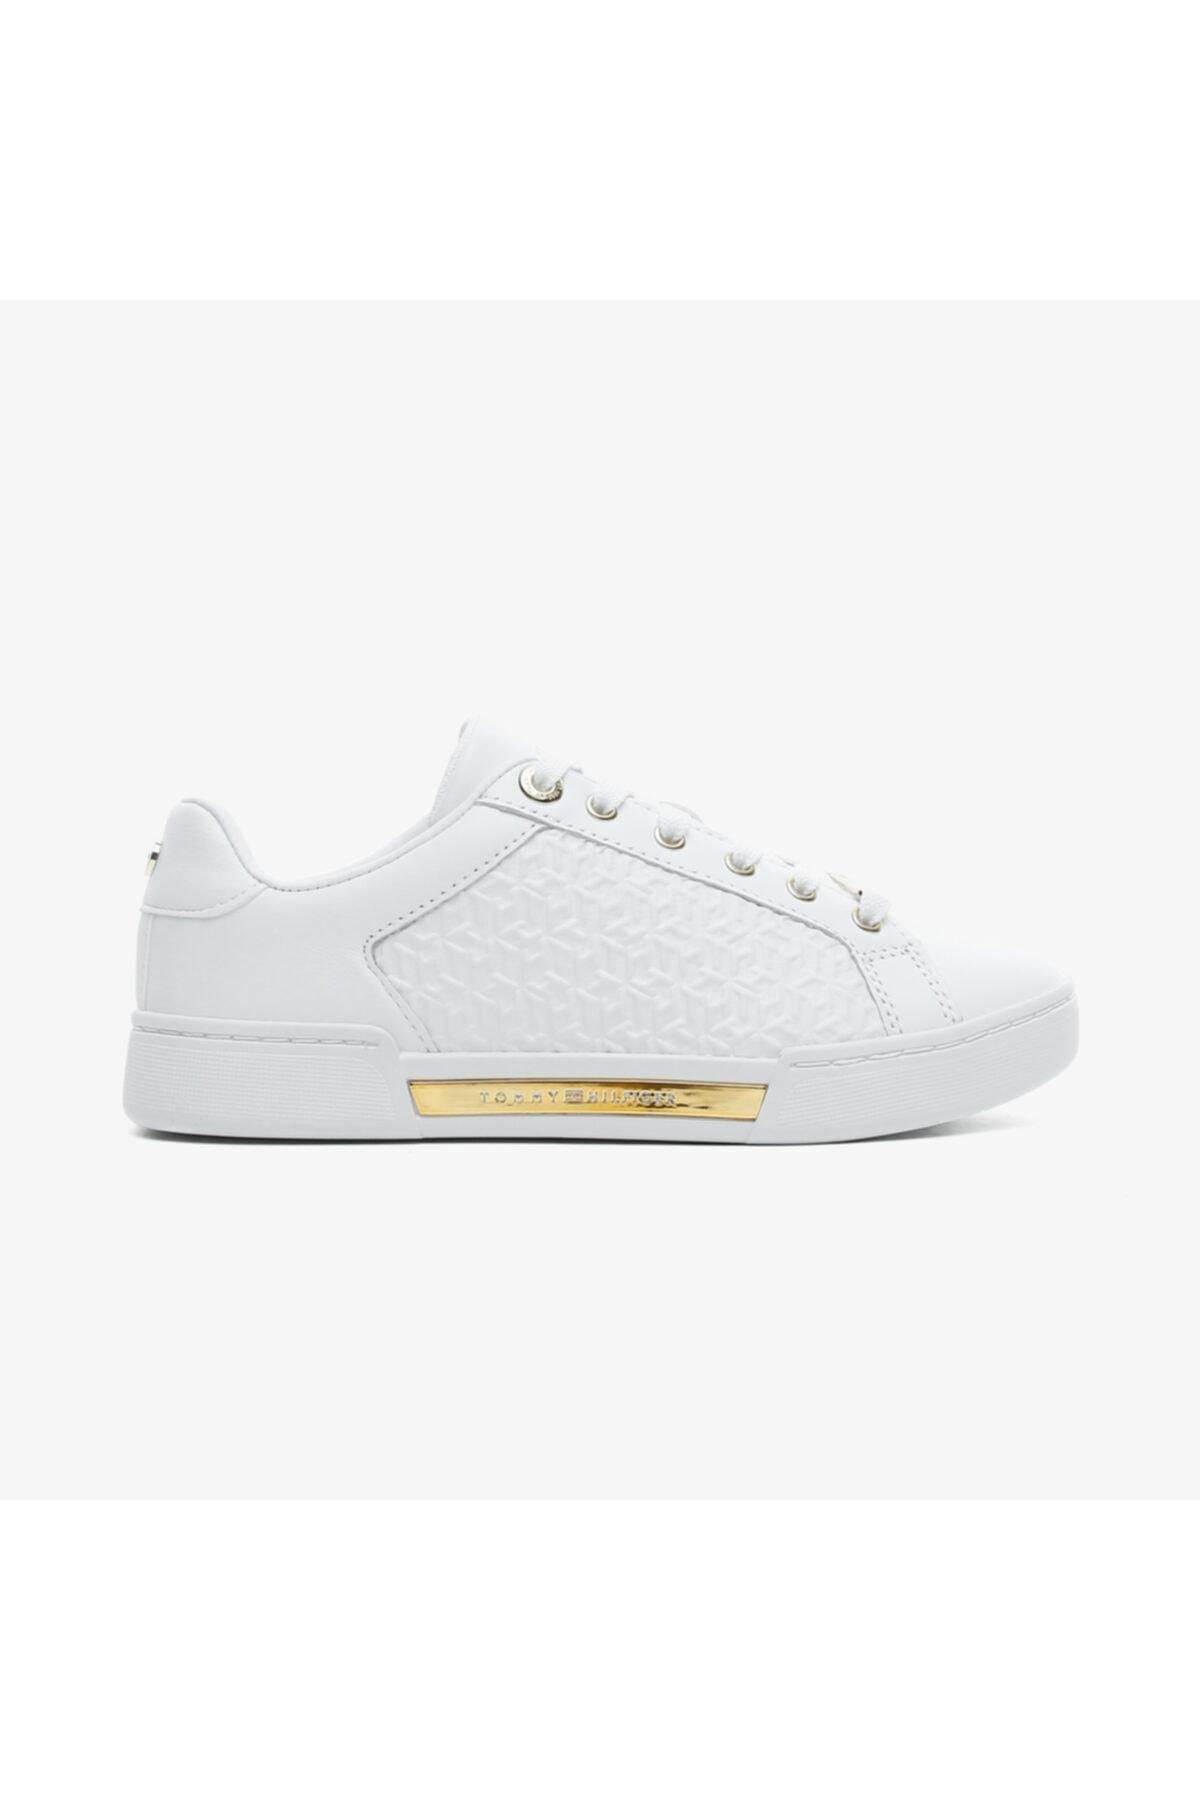 Tommy Hilfiger Kadın Beyaz Bağcıklı Spor Ayakkabı 1